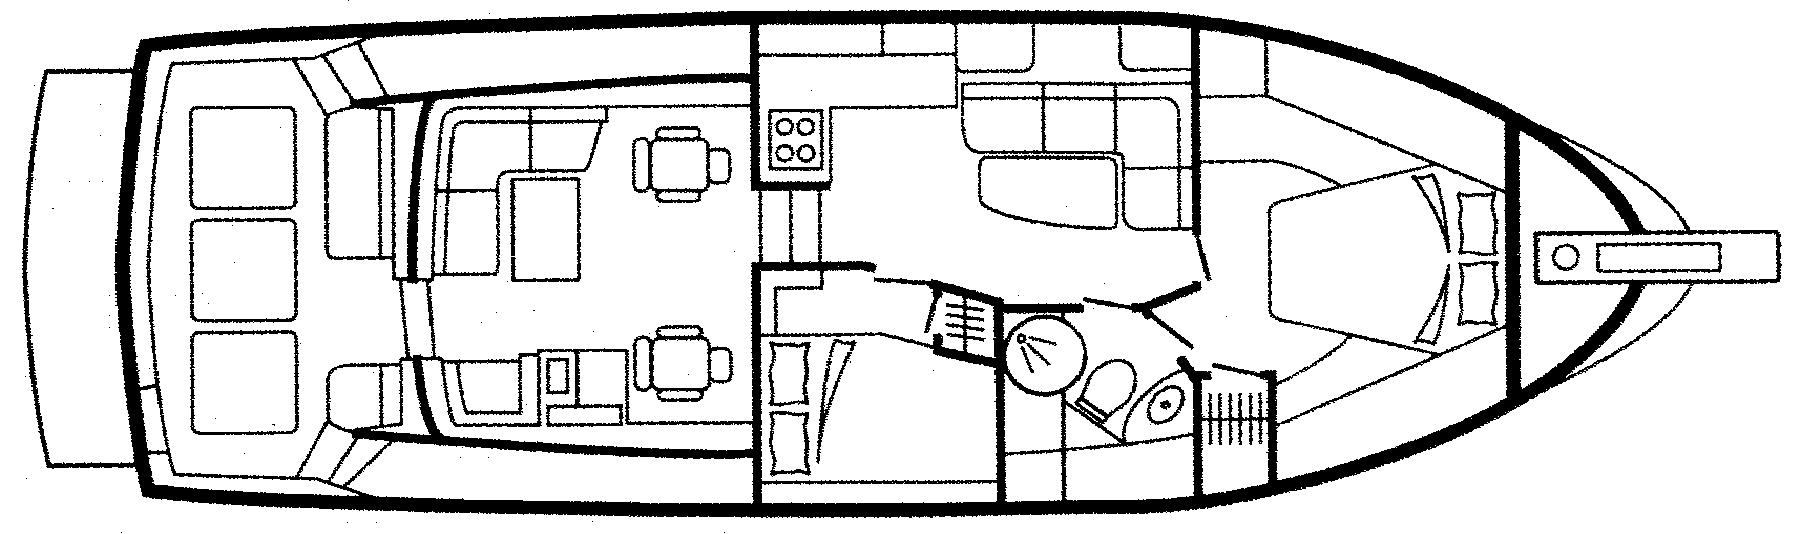 42 Hardtop Express Floor Plan 1